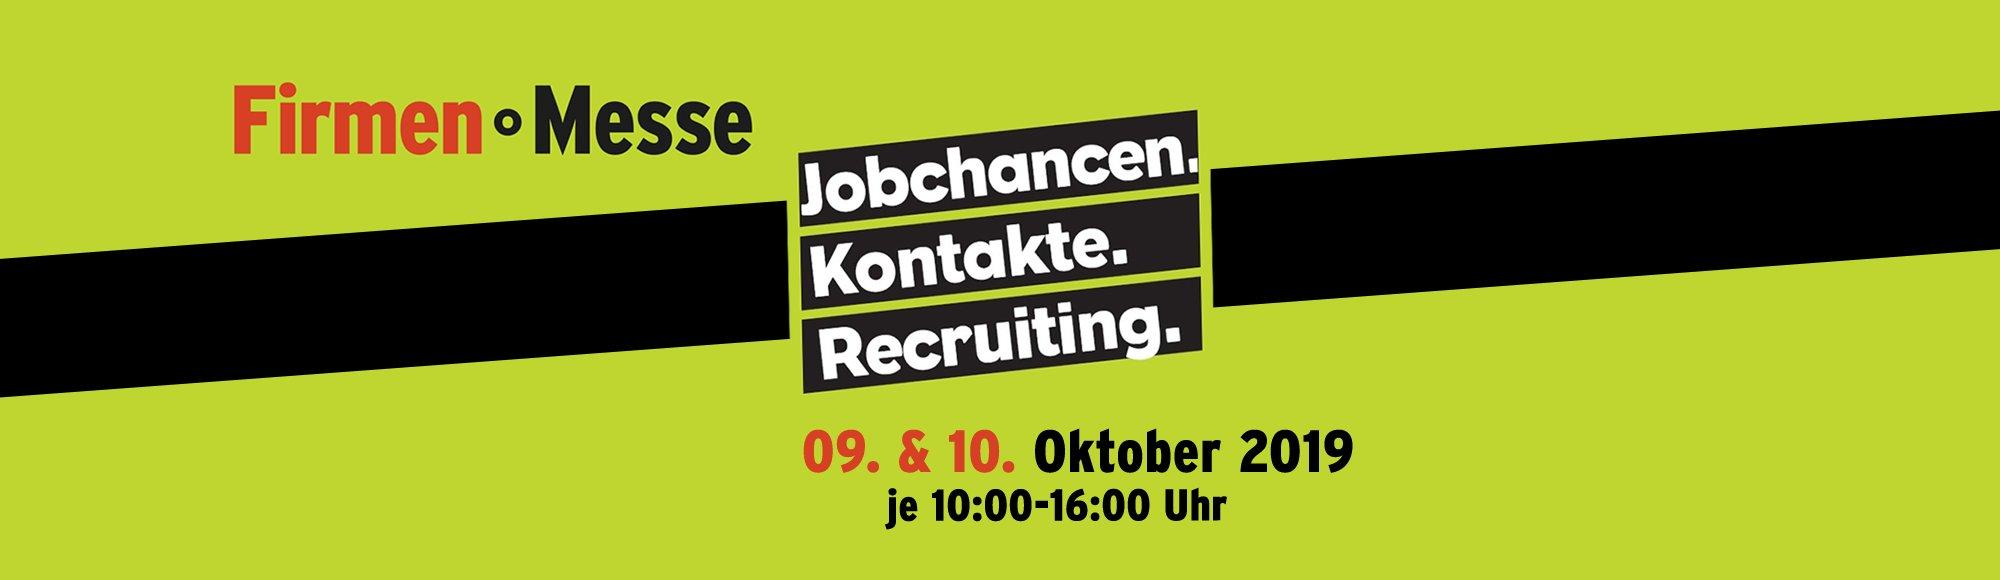 Firmenmesse 2019 FH Technikum Wien